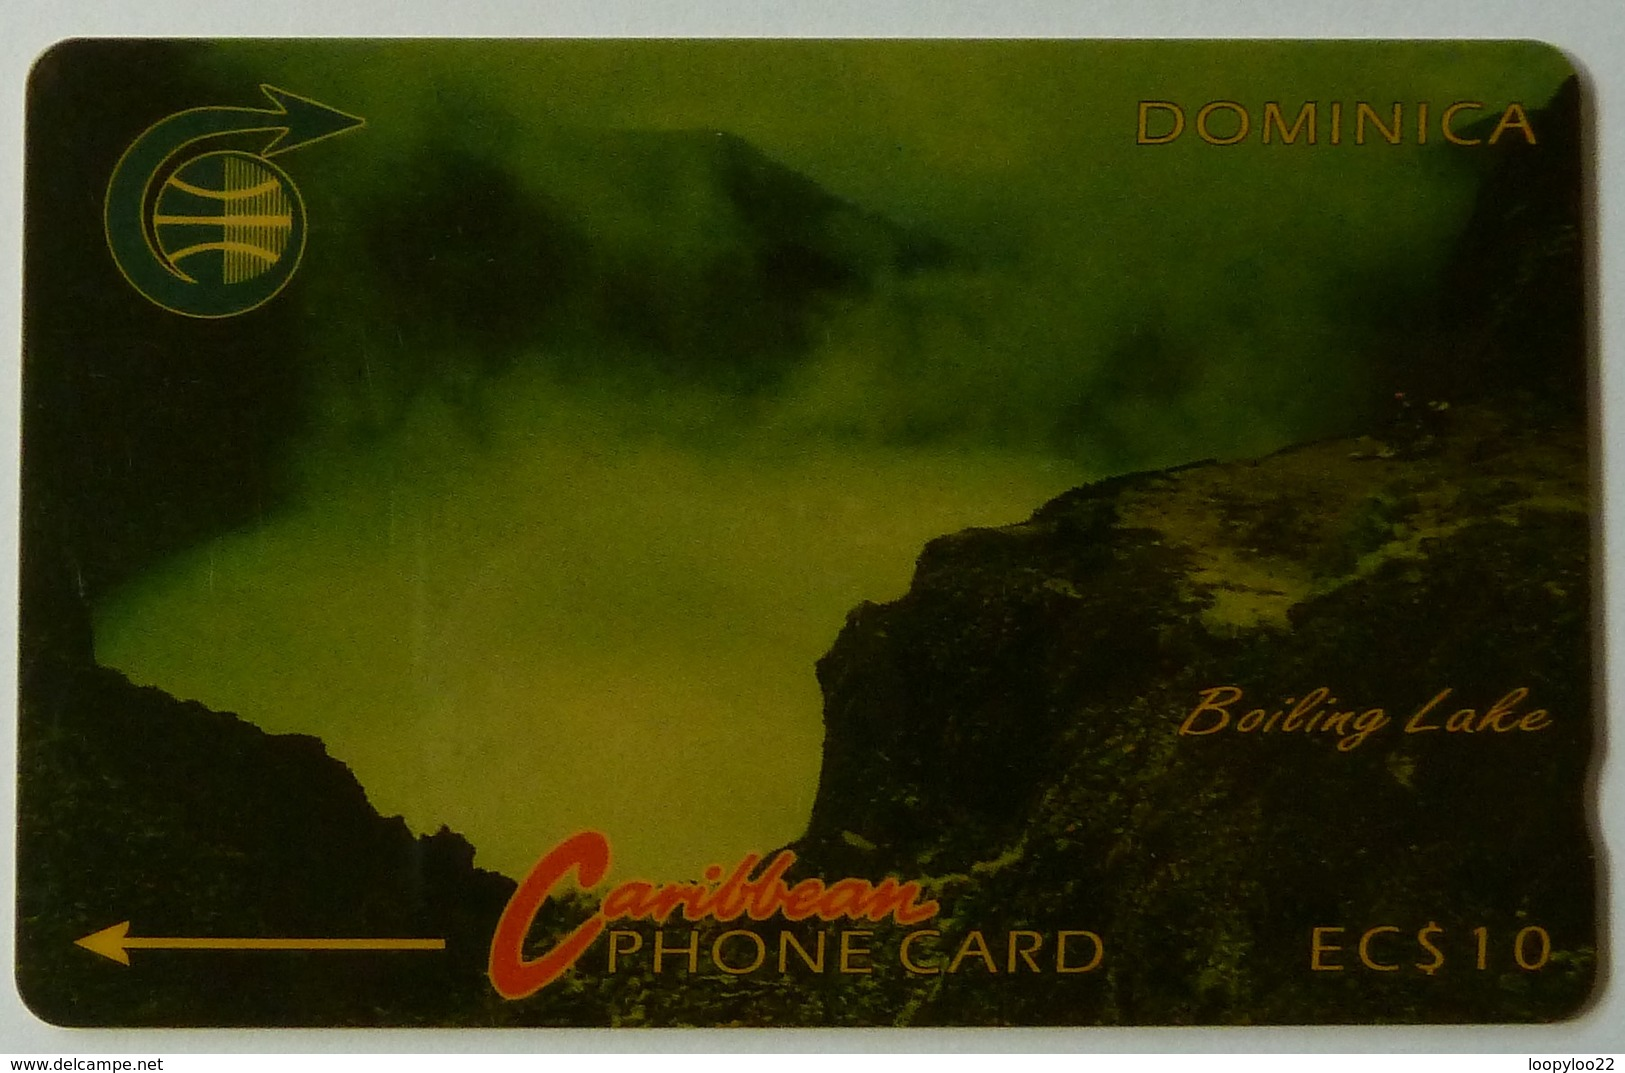 DOMINICA - GPT - 4CDMA - $10 - DOM-4A - Boiling Lake - White Strip - Used - Dominique